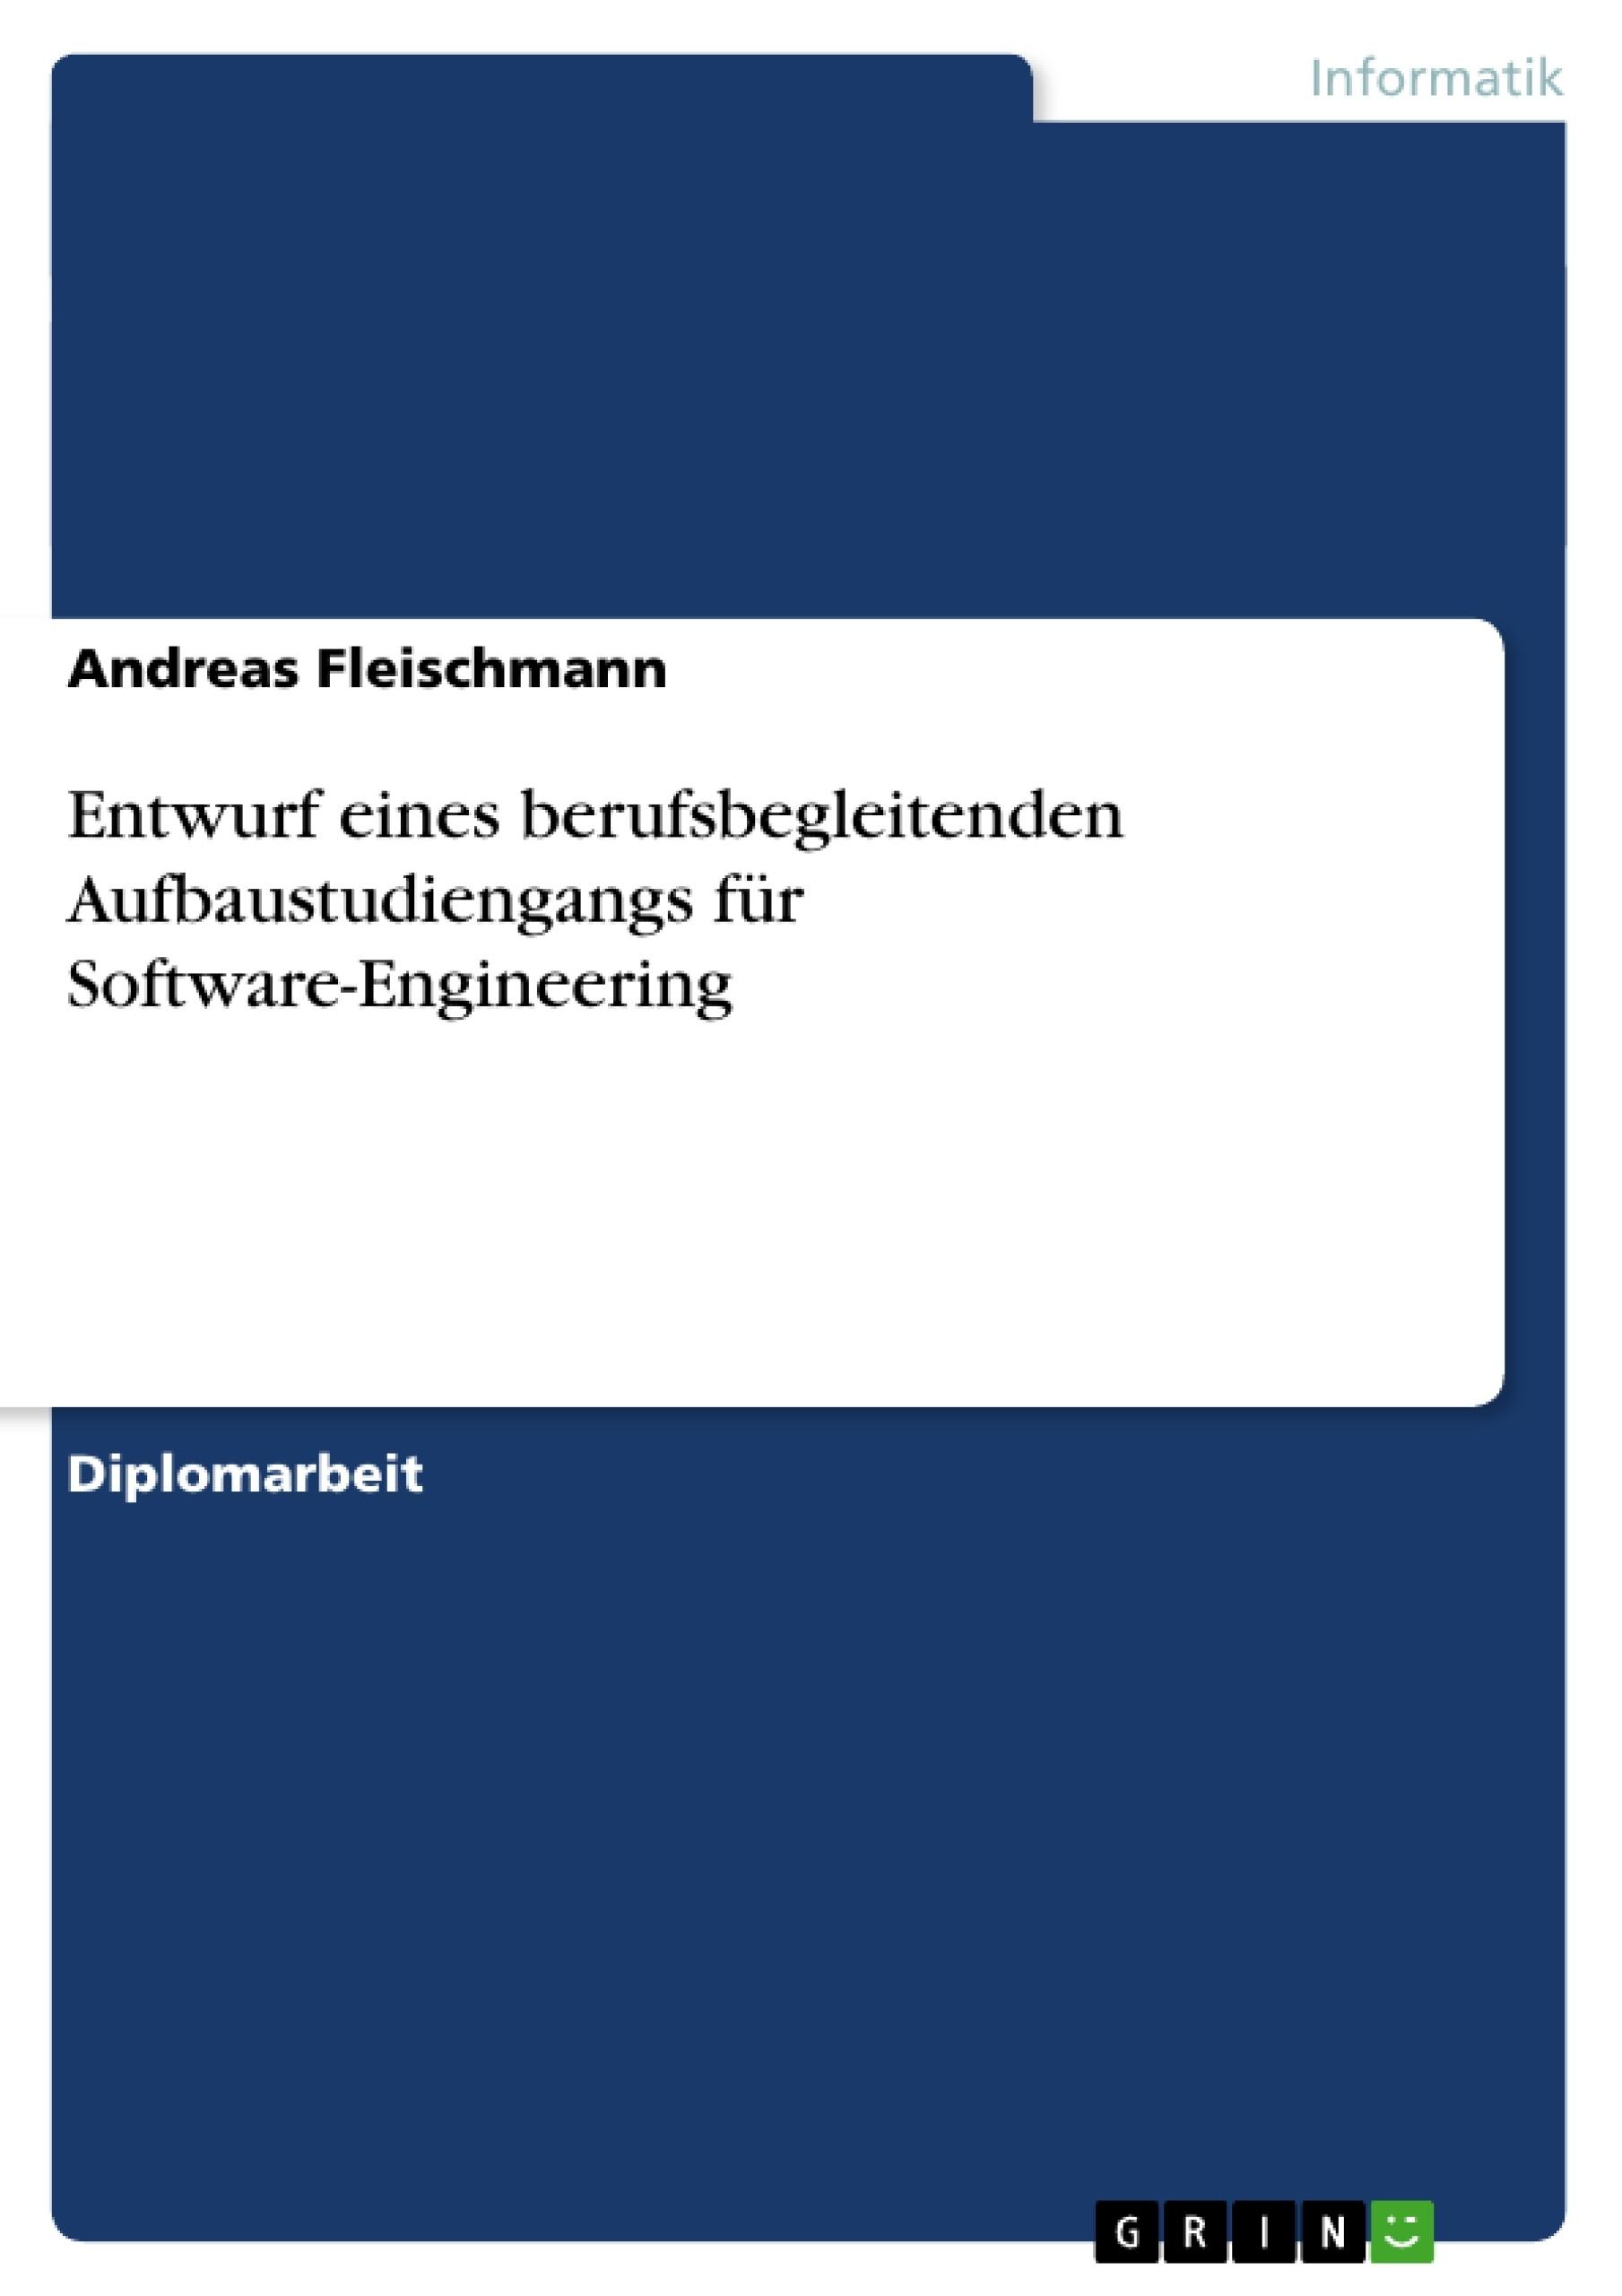 Titel: Entwurf eines berufsbegleitenden Aufbaustudiengangs für Software-Engineering